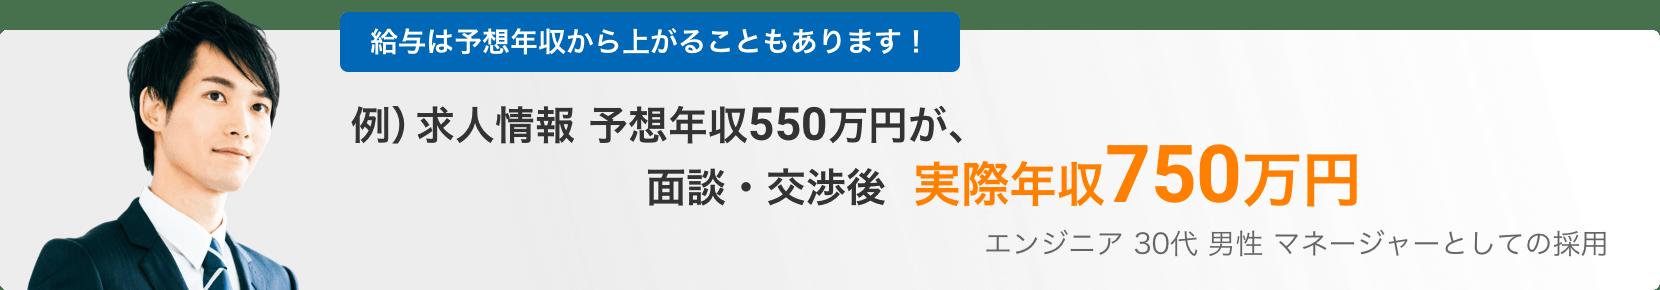 給与は予想年収から上がることもあります!例)求人情報 予想年収550万円が、面談・交渉後  実際年収750万円